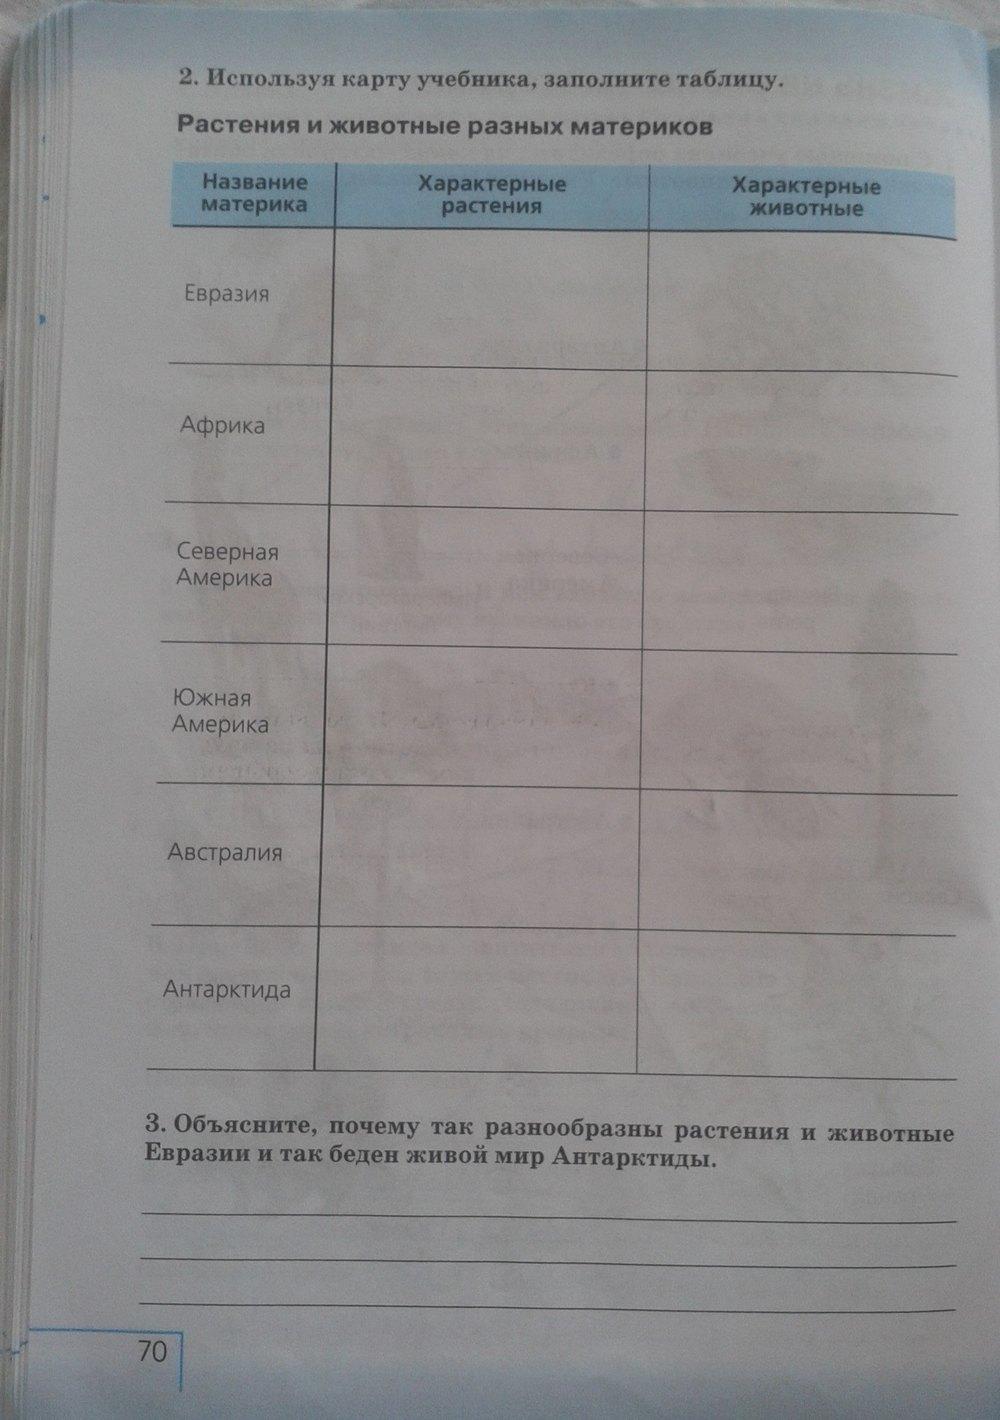 Решебник К Рабочей Тетради По Биологии 5 Класс Плешаков Сонин